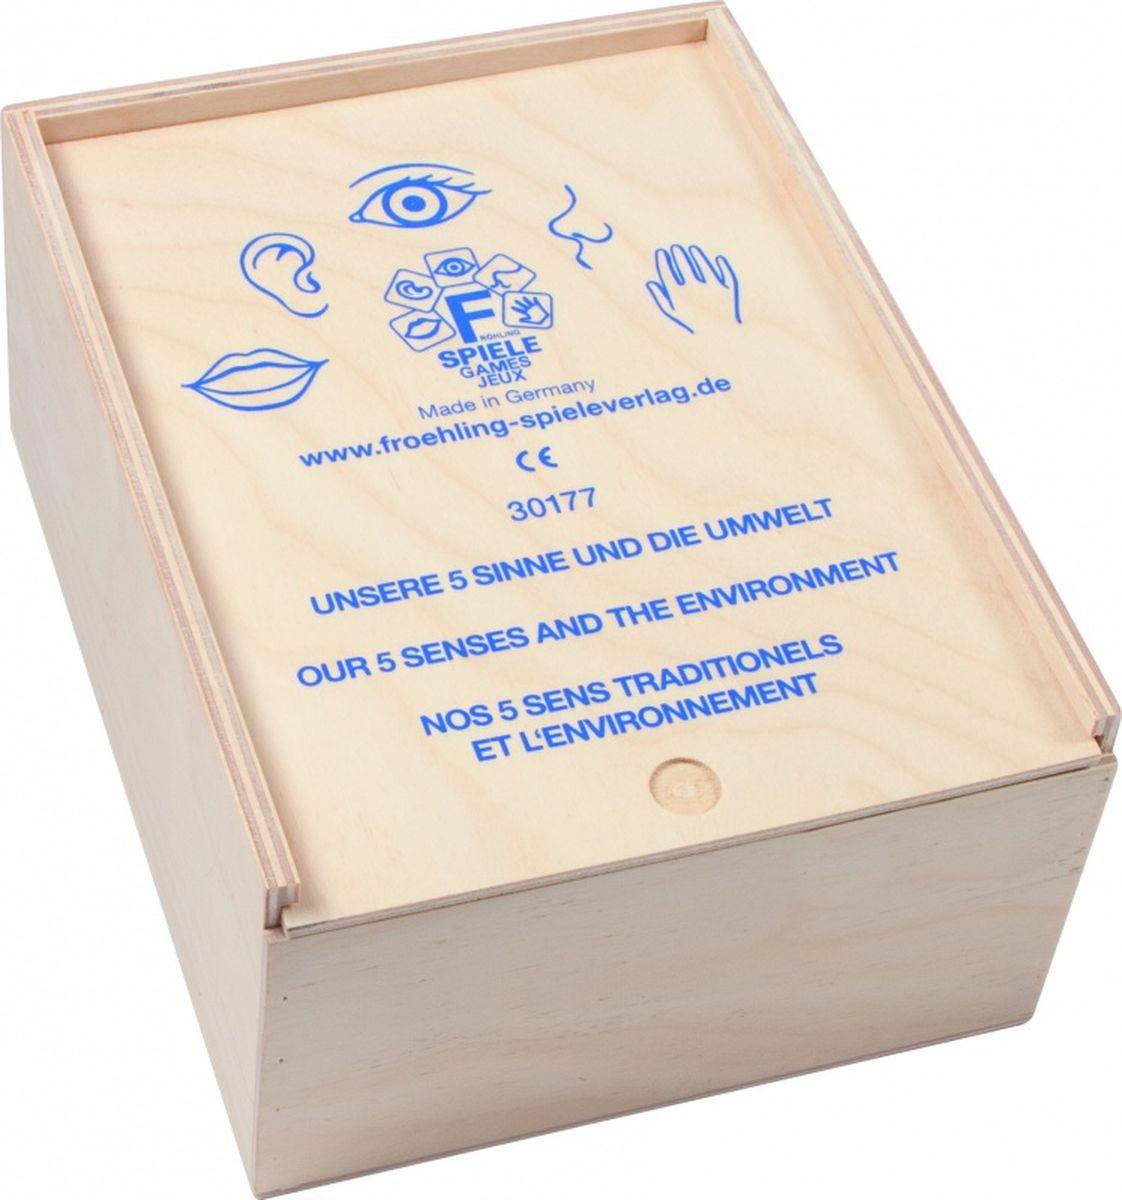 Beleduc Обучающая игра Наши 5 чувств30177Игра развивает мышление, координацию движений, коммуникативные навыки и моторику ребенка. В эту игру можно играть по-разному: как в лото, меморину (логическую игру на запоминание) или просто бросая кубик.